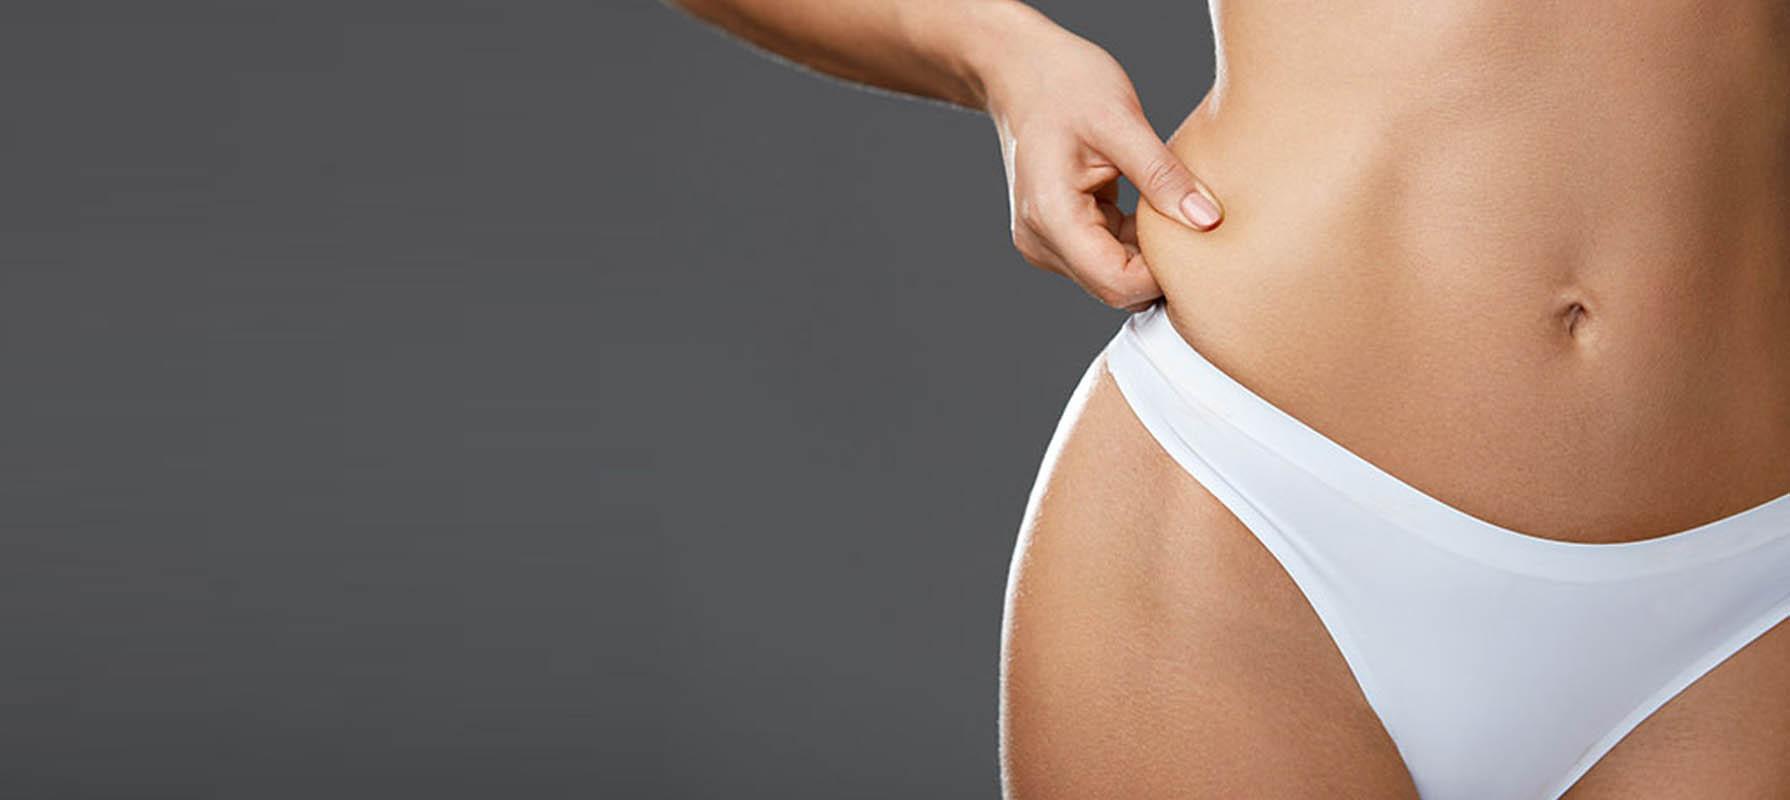 Liposuzione addome Milano, il Dottor Raoul Novelli, annoverato tra i migliori chirurghi plastici